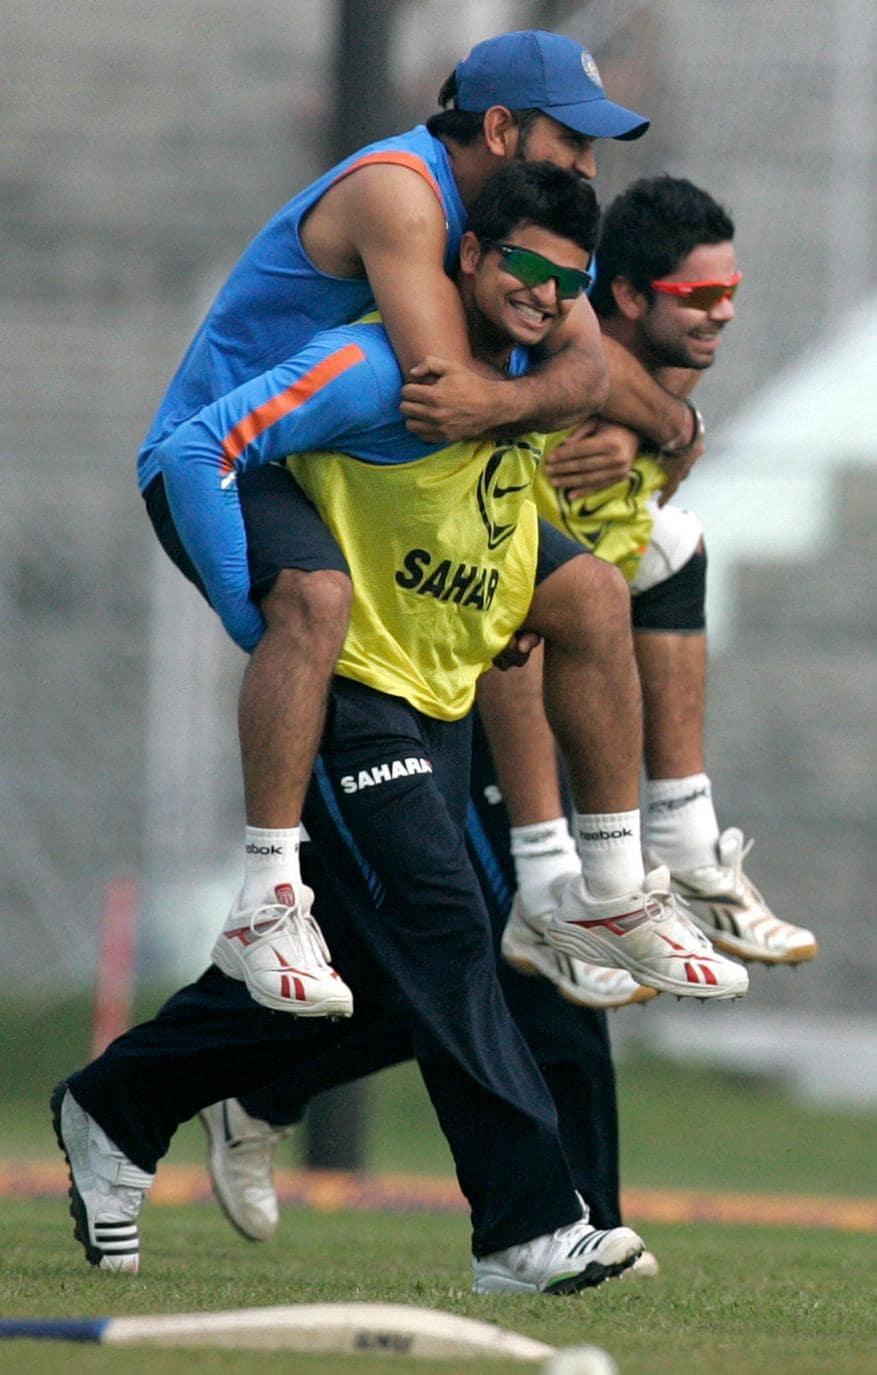 கவுஹாத்தியில் பயிற்சியின் போது தோனியை தூக்கிச் சென்ற சுரேஷ் ரெய்னா (Image: Reuters)